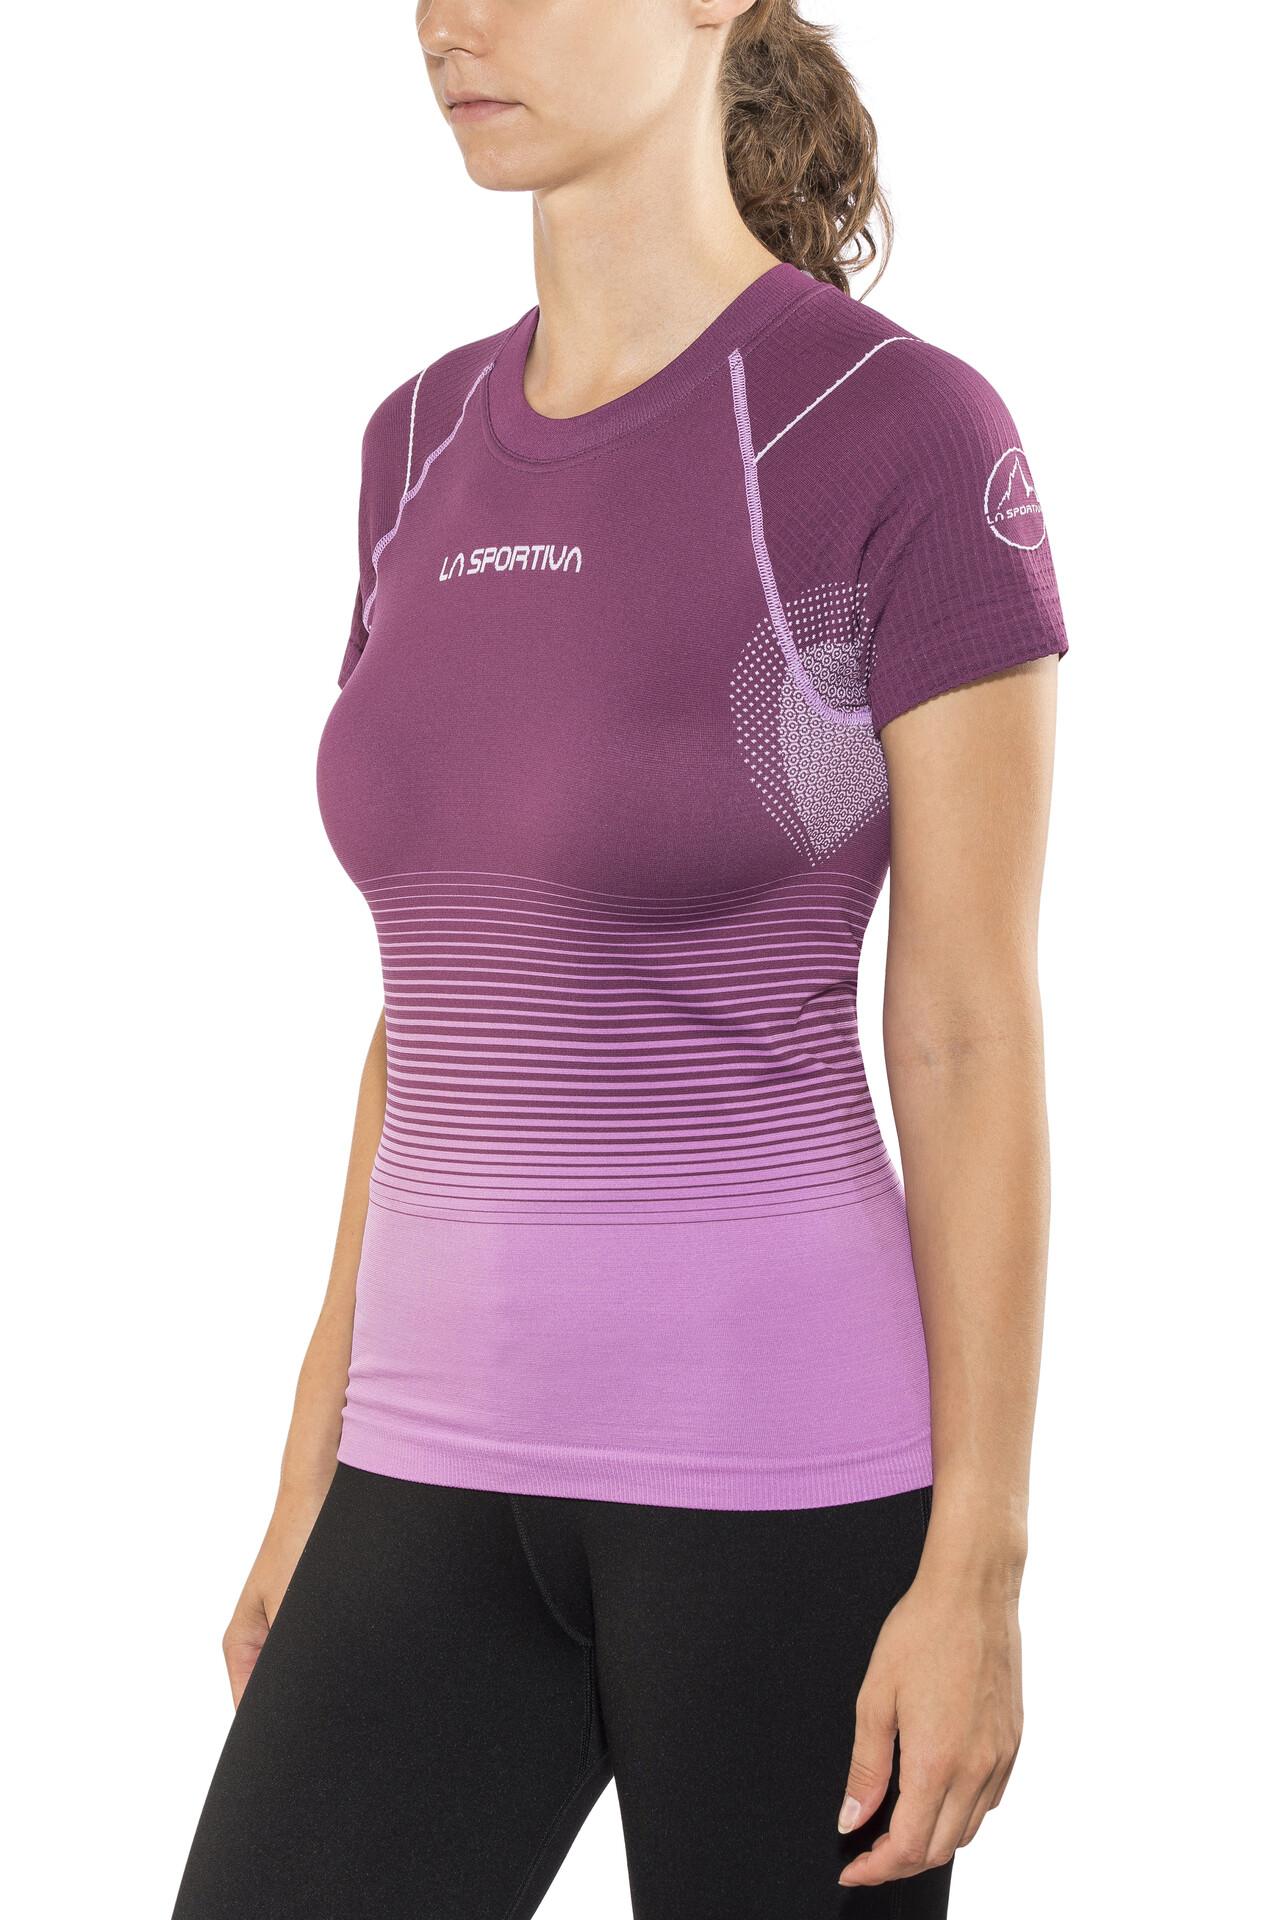 Sportiva Medea Violeta Camiseta Mujer La Running orCWxQBed